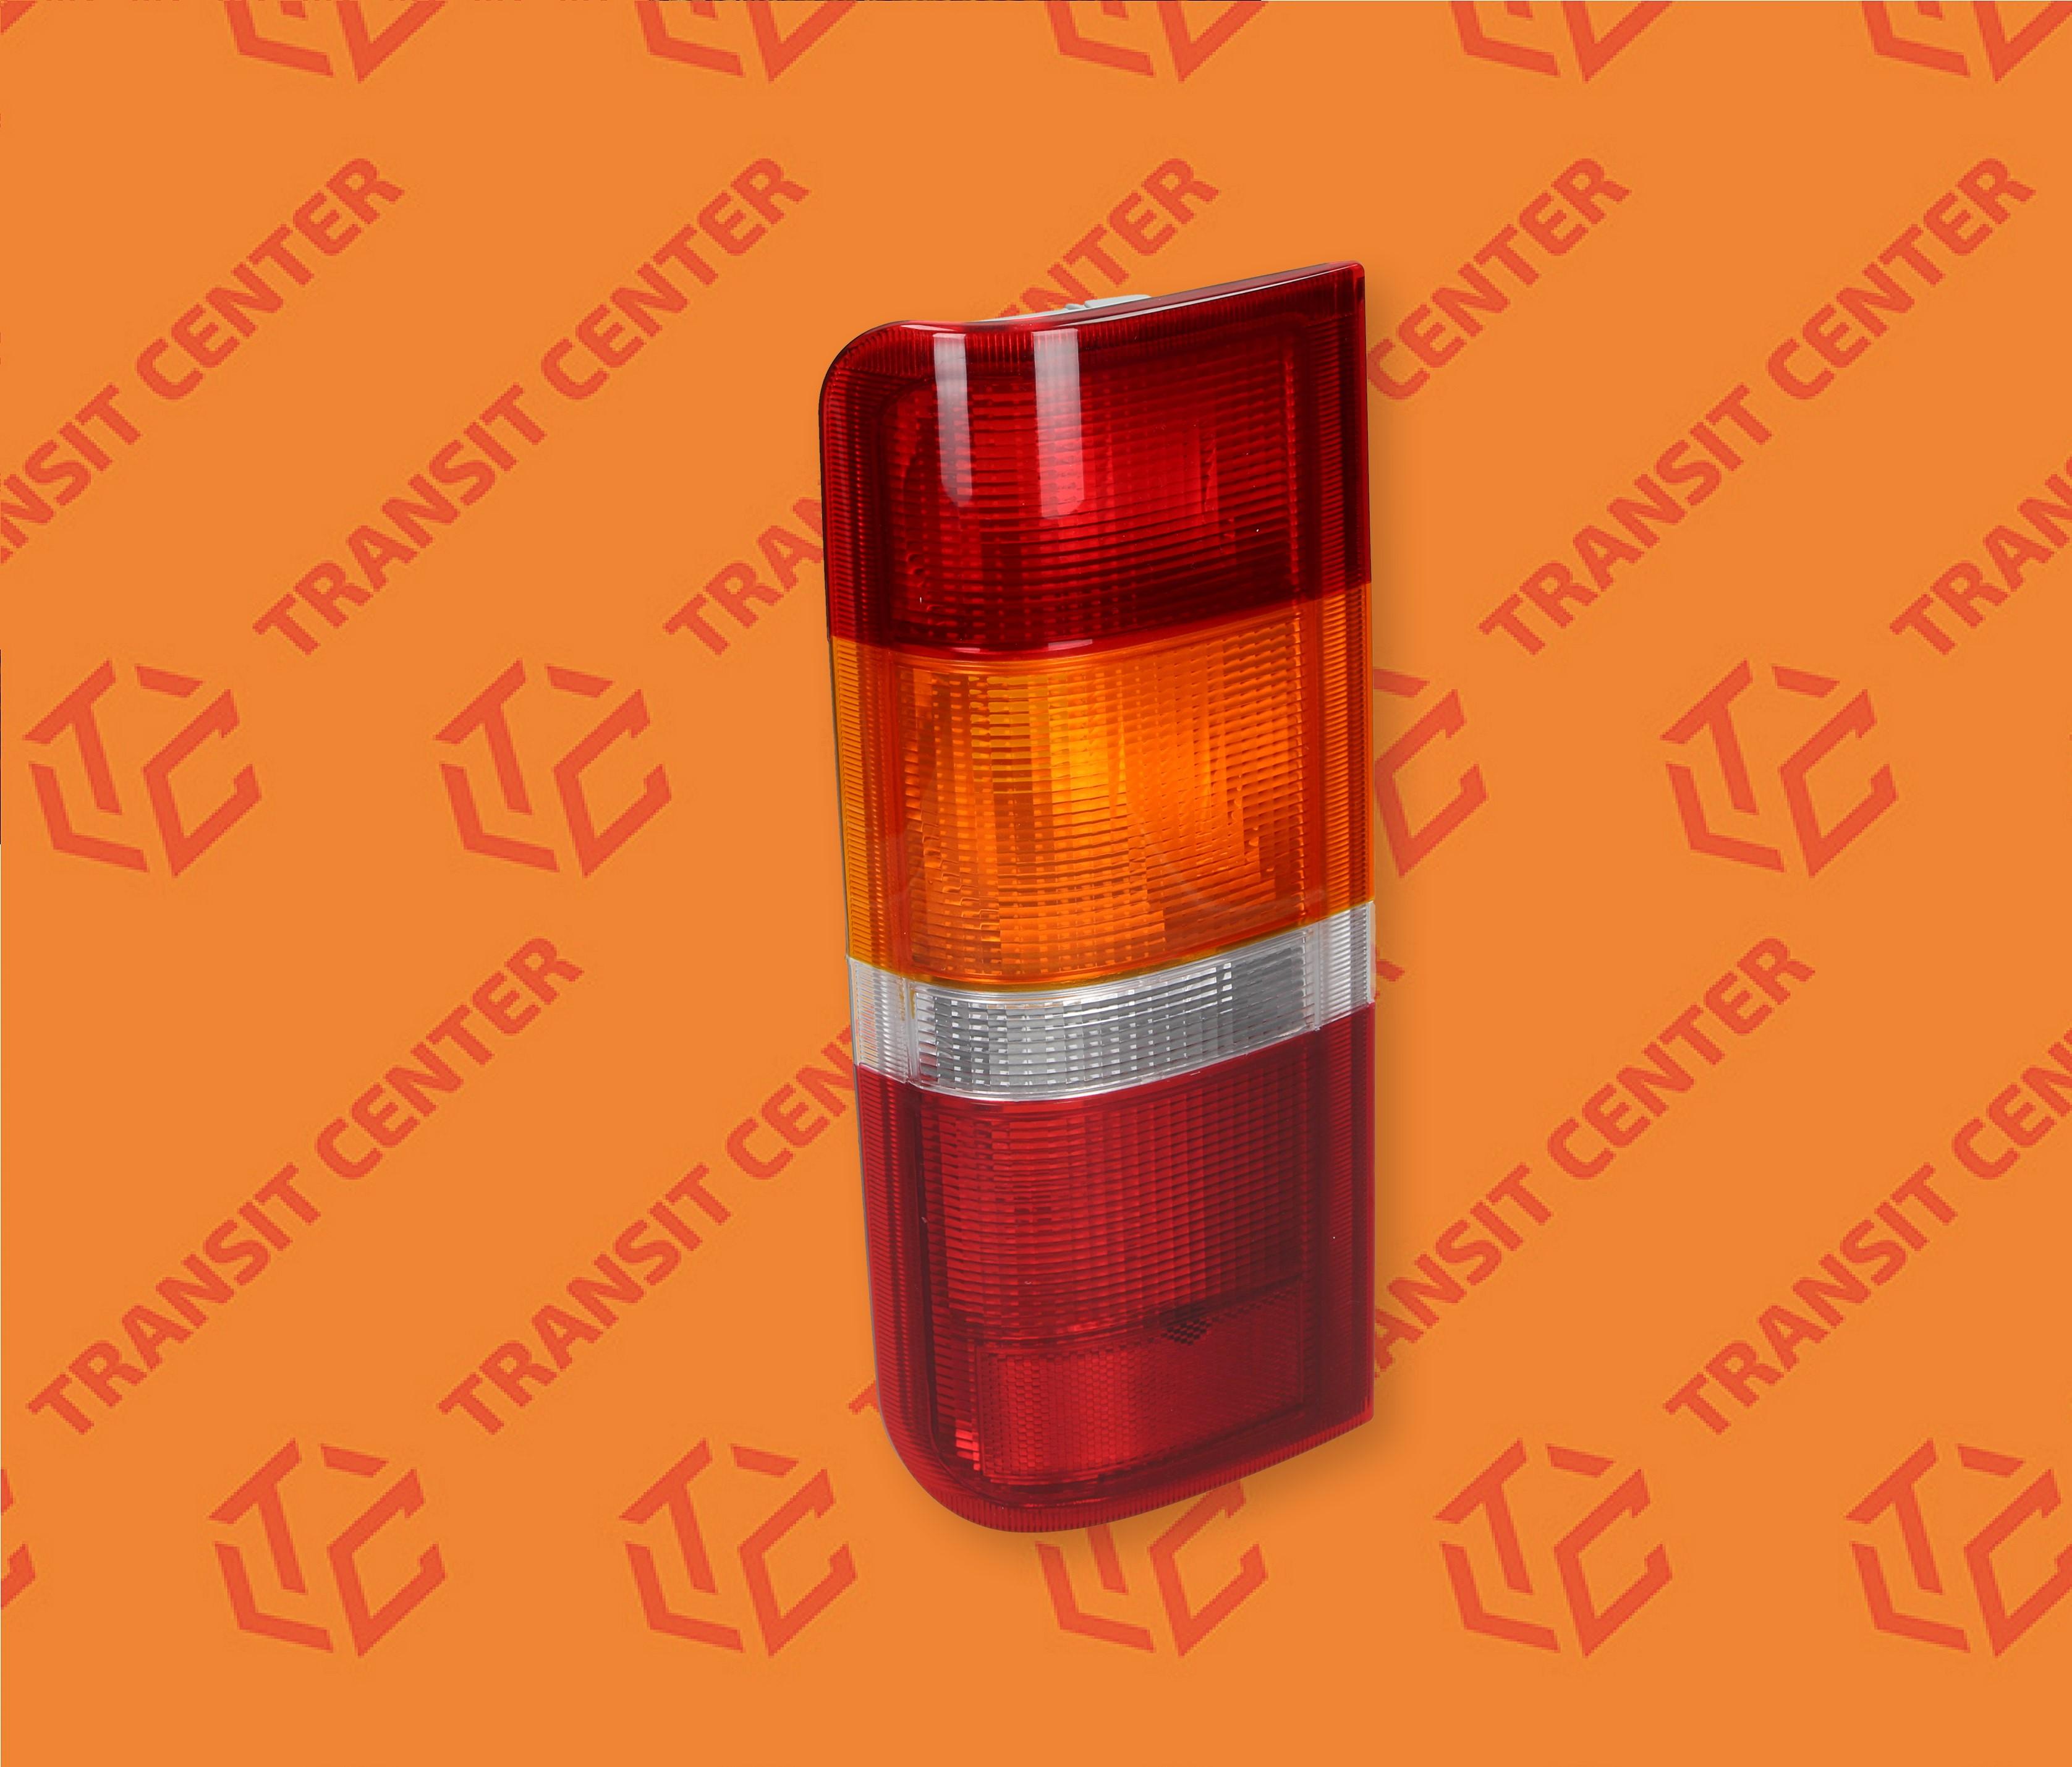 FORD TRANSIT MK6 2.0 2.4 Roue Arrière Cylindre De Frein FWD//RWD 2000 à Gauche Droit